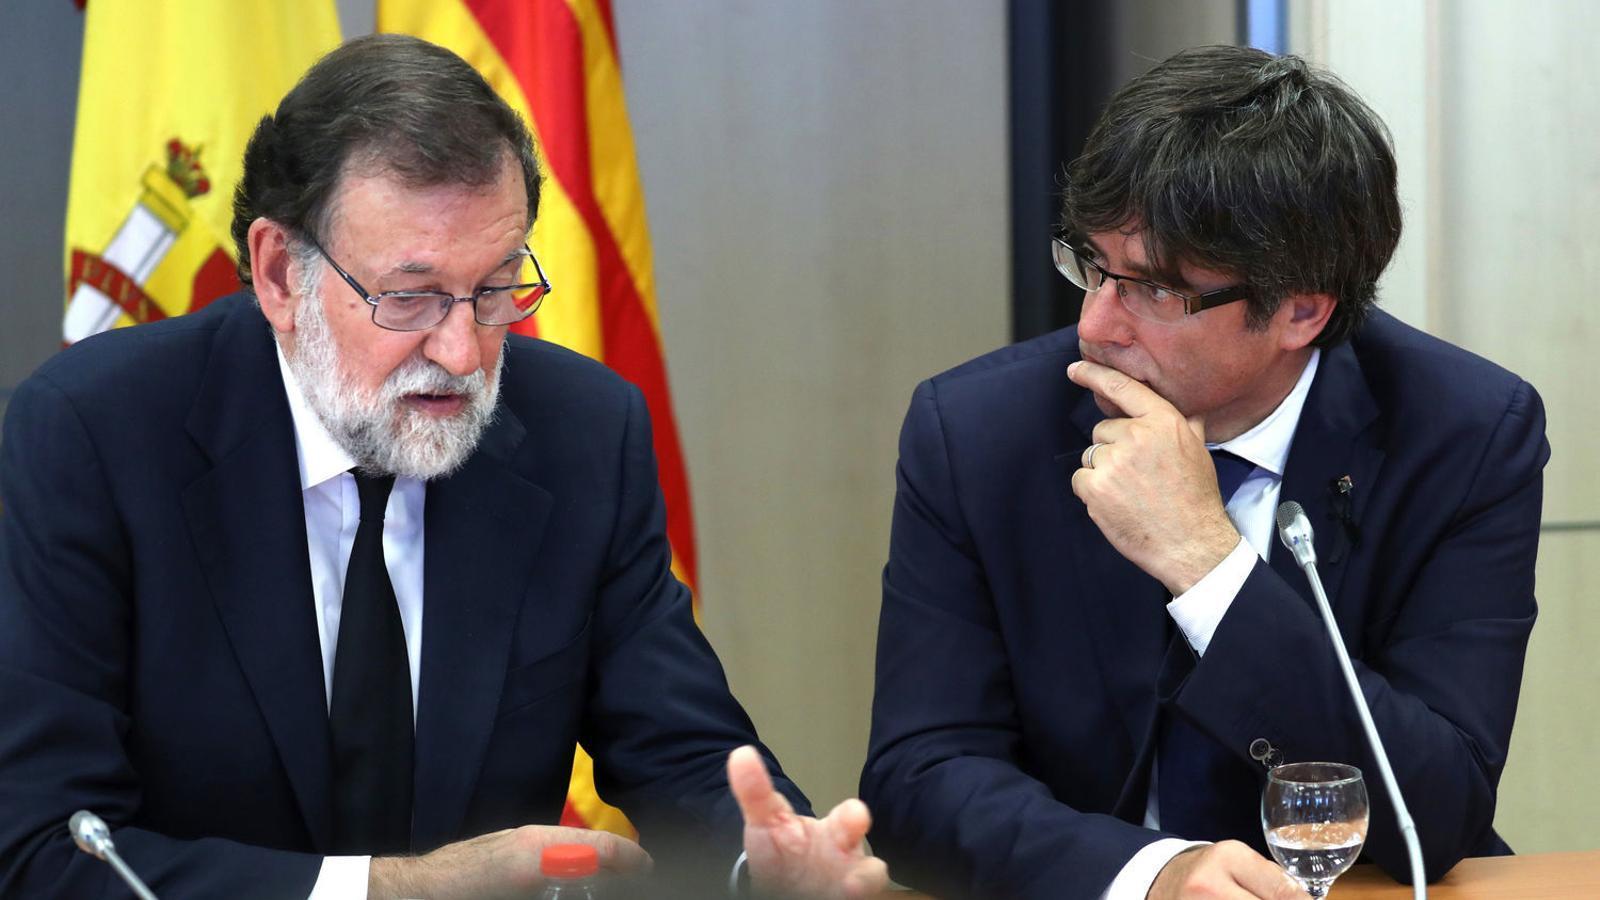 El president del govern espanyol, Mariano Rajoy, amb el president de la Generalitat, Carles Puigdemont